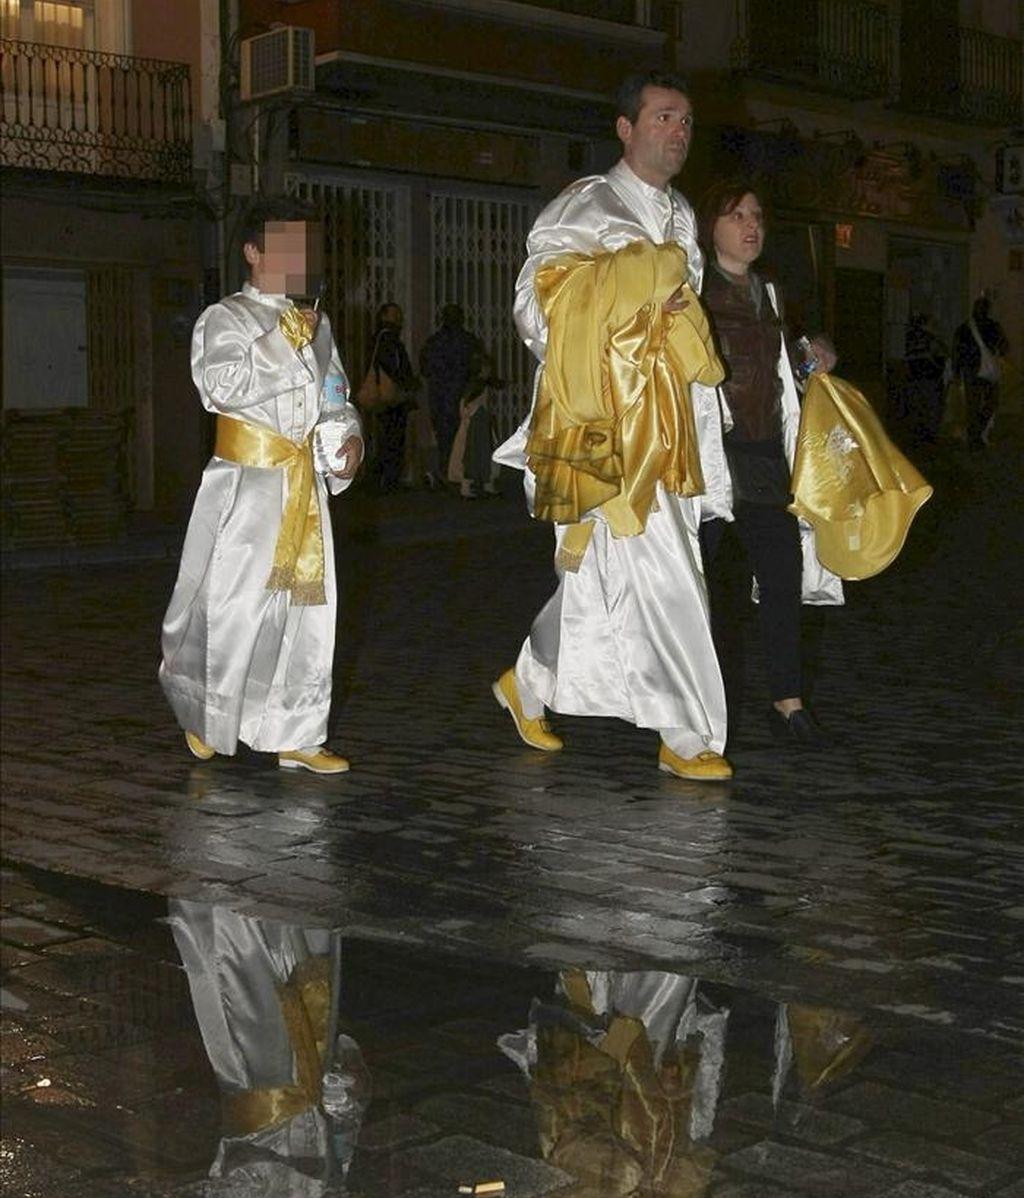 Cofrades de La Samaritana abandonan el Museo de la Semana Santa tras el anuncio de la suspensión de la procesión por la lluvia, anoche en la localidad alicantina de Orihuela. EFE